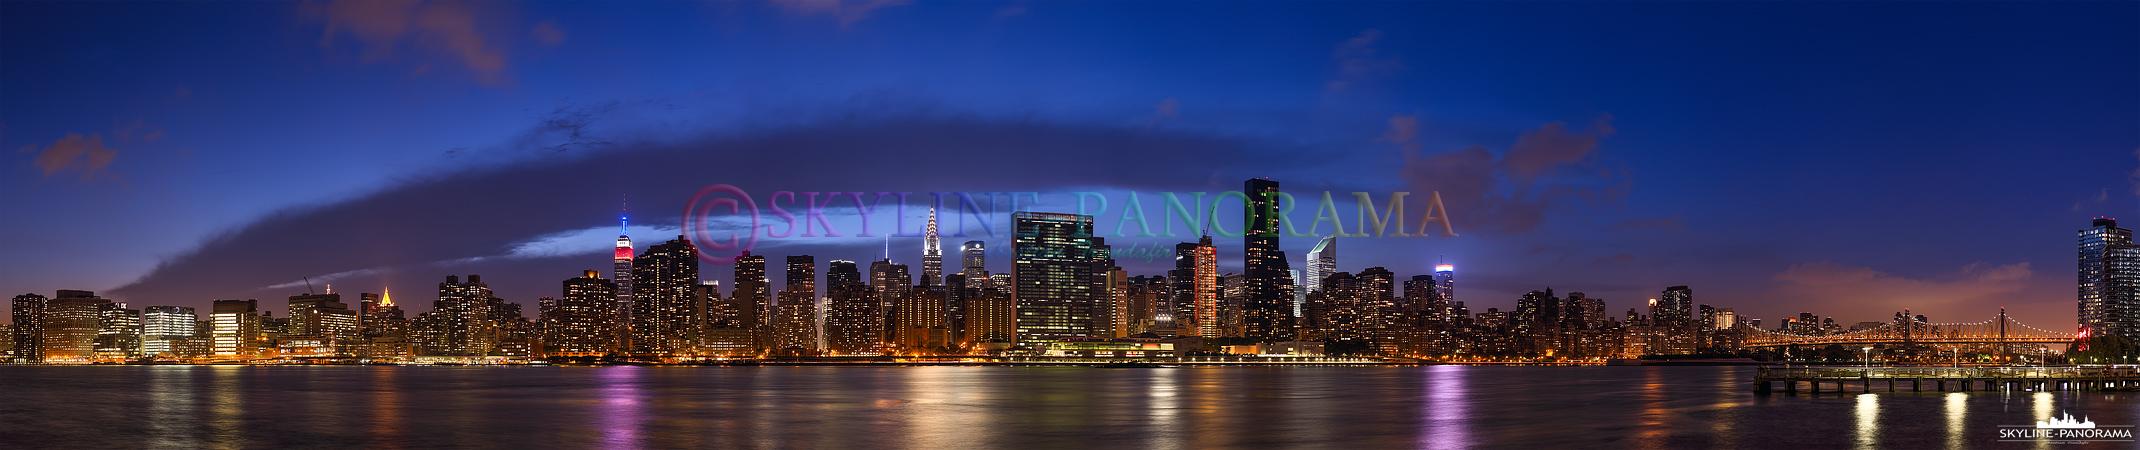 Manhattan Panorama - Einer der interessantesten Aussichtspunkte um die weltbekannte Skyline von Manhattan betrachten zu können, ist der Gantry Plaza State Park in New York - Queens.